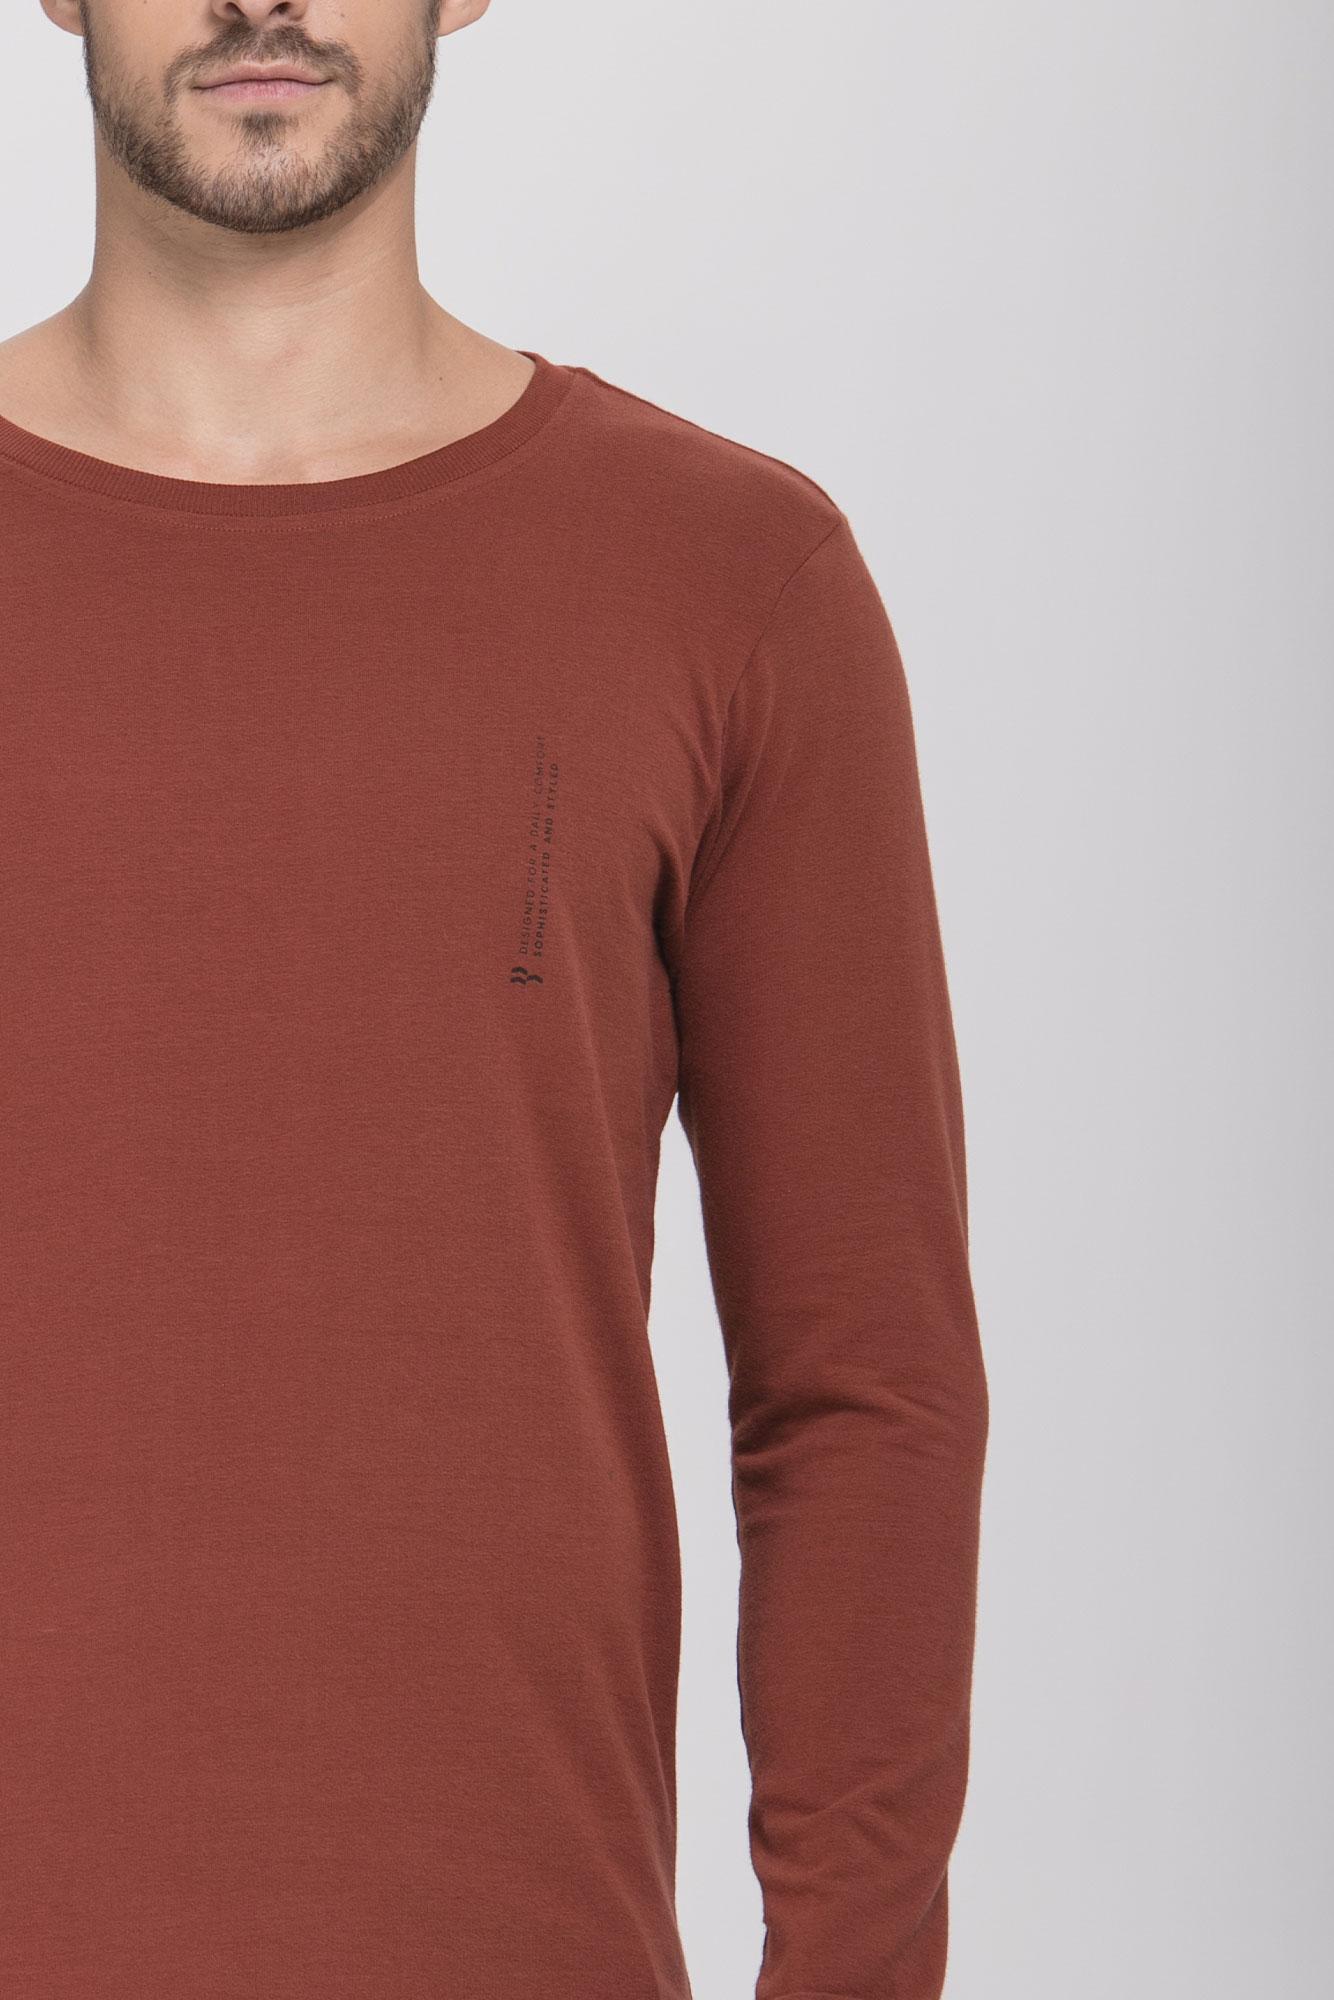 Camiseta Ml Suede Caramel